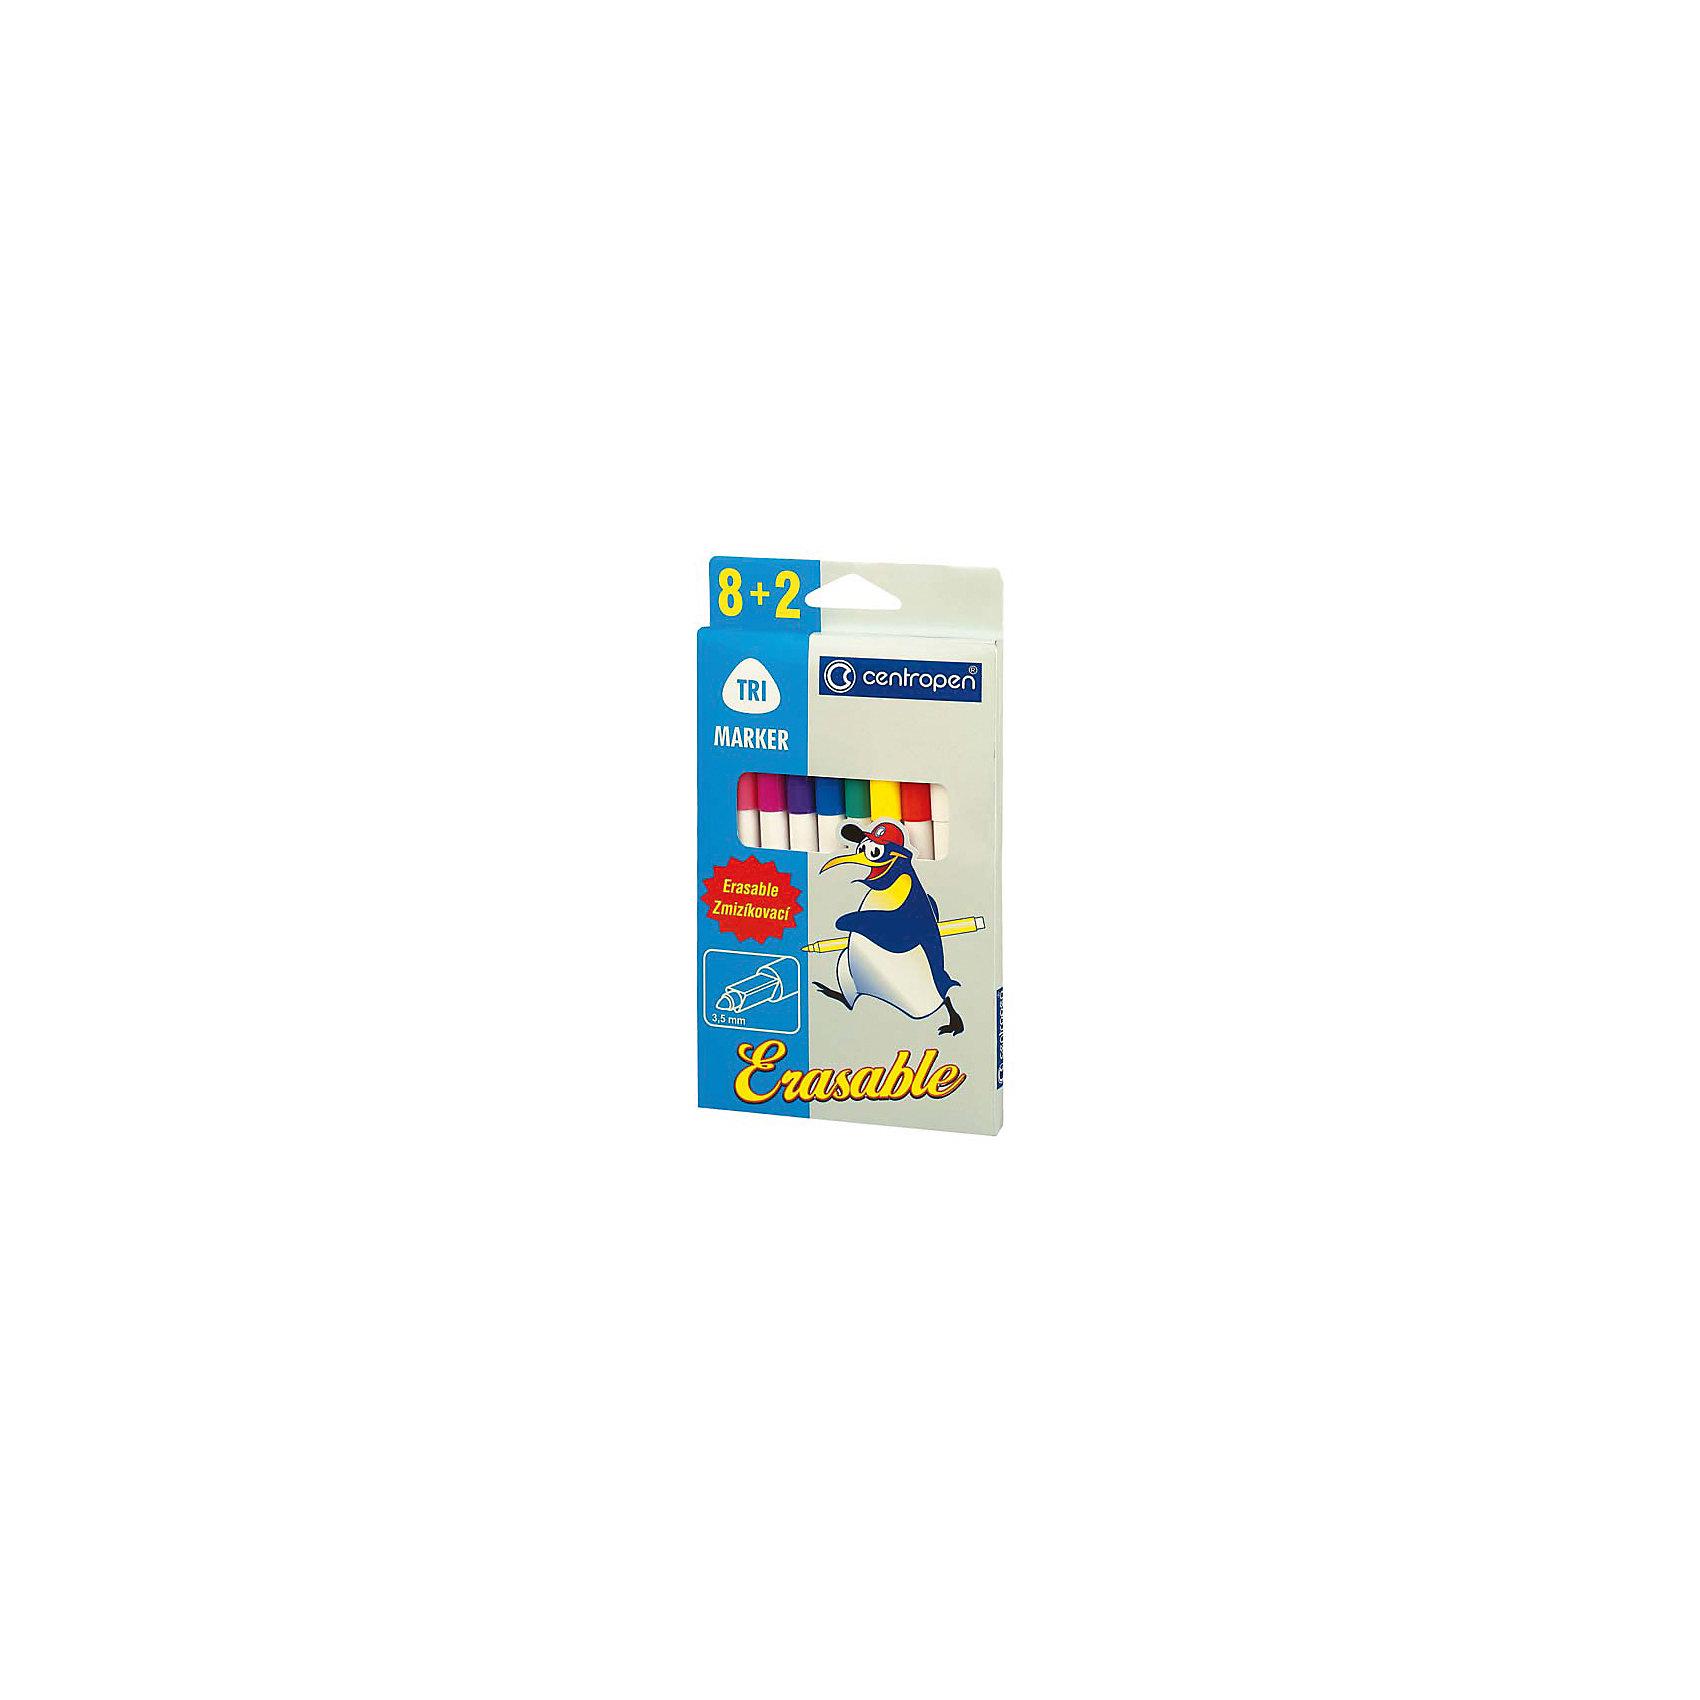 CENTROPEN Набор фломастеровПисьменные принадлежности<br>Треугольный корпус в месте захвата, цветной вентилируемый колпачок. В комплекте 8 цветных фломастеров и 2 фломастера-стирателя, поглощающие чернила. Волокнистое острие диаметром 3,5 мм. 8 цветов+2 поглотителя. В блистерной коробке с европодвесом<br><br>Ширина мм: 190<br>Глубина мм: 100<br>Высота мм: 10<br>Вес г: 87<br>Возраст от месяцев: 36<br>Возраст до месяцев: 168<br>Пол: Унисекс<br>Возраст: Детский<br>SKU: 6888685